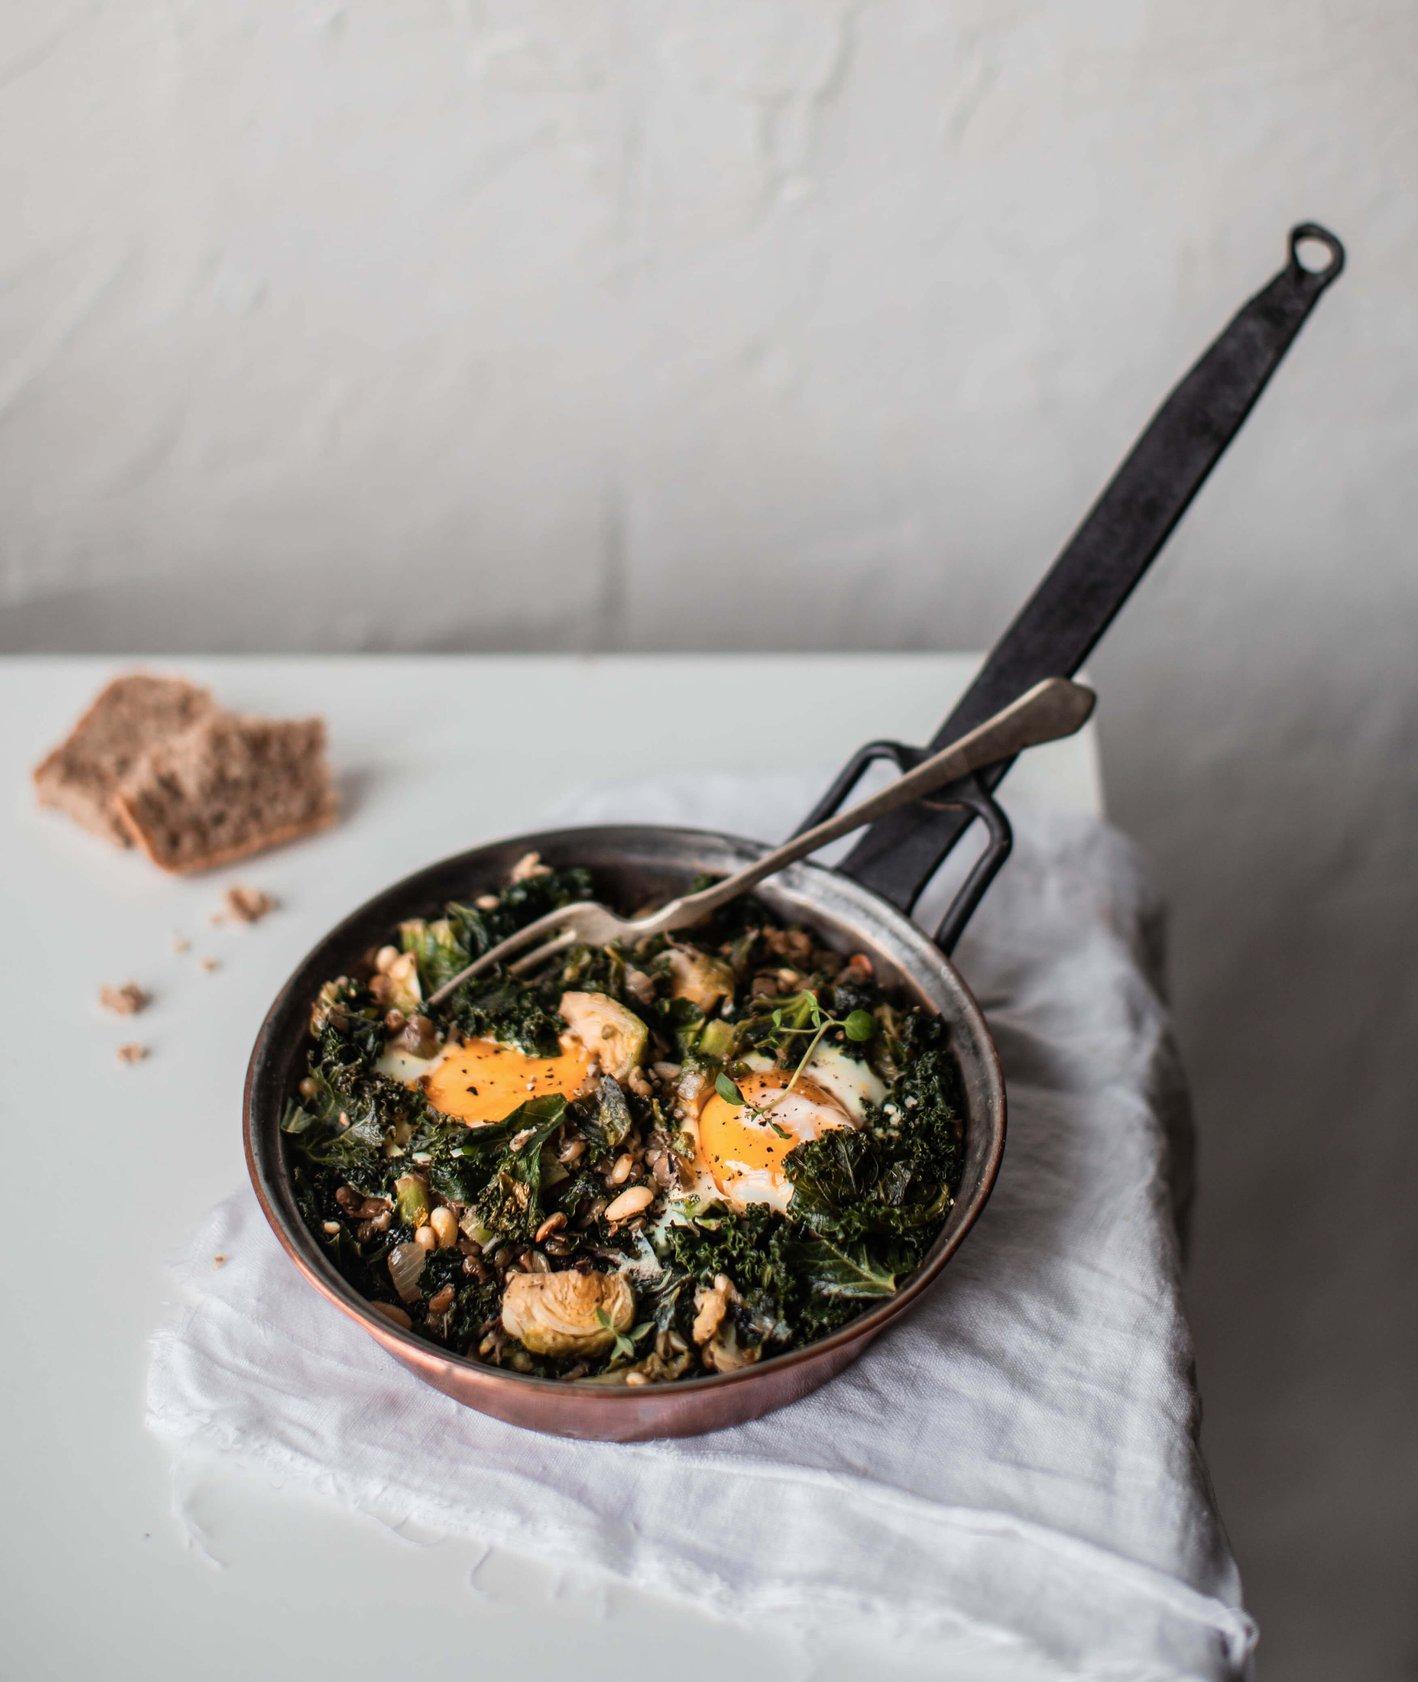 szakszuka z jarmużem, zielona szakszuka, szakszuka, wytrawne śniadanie, śniadanie z jajkiem, szakszuka z warzywmi